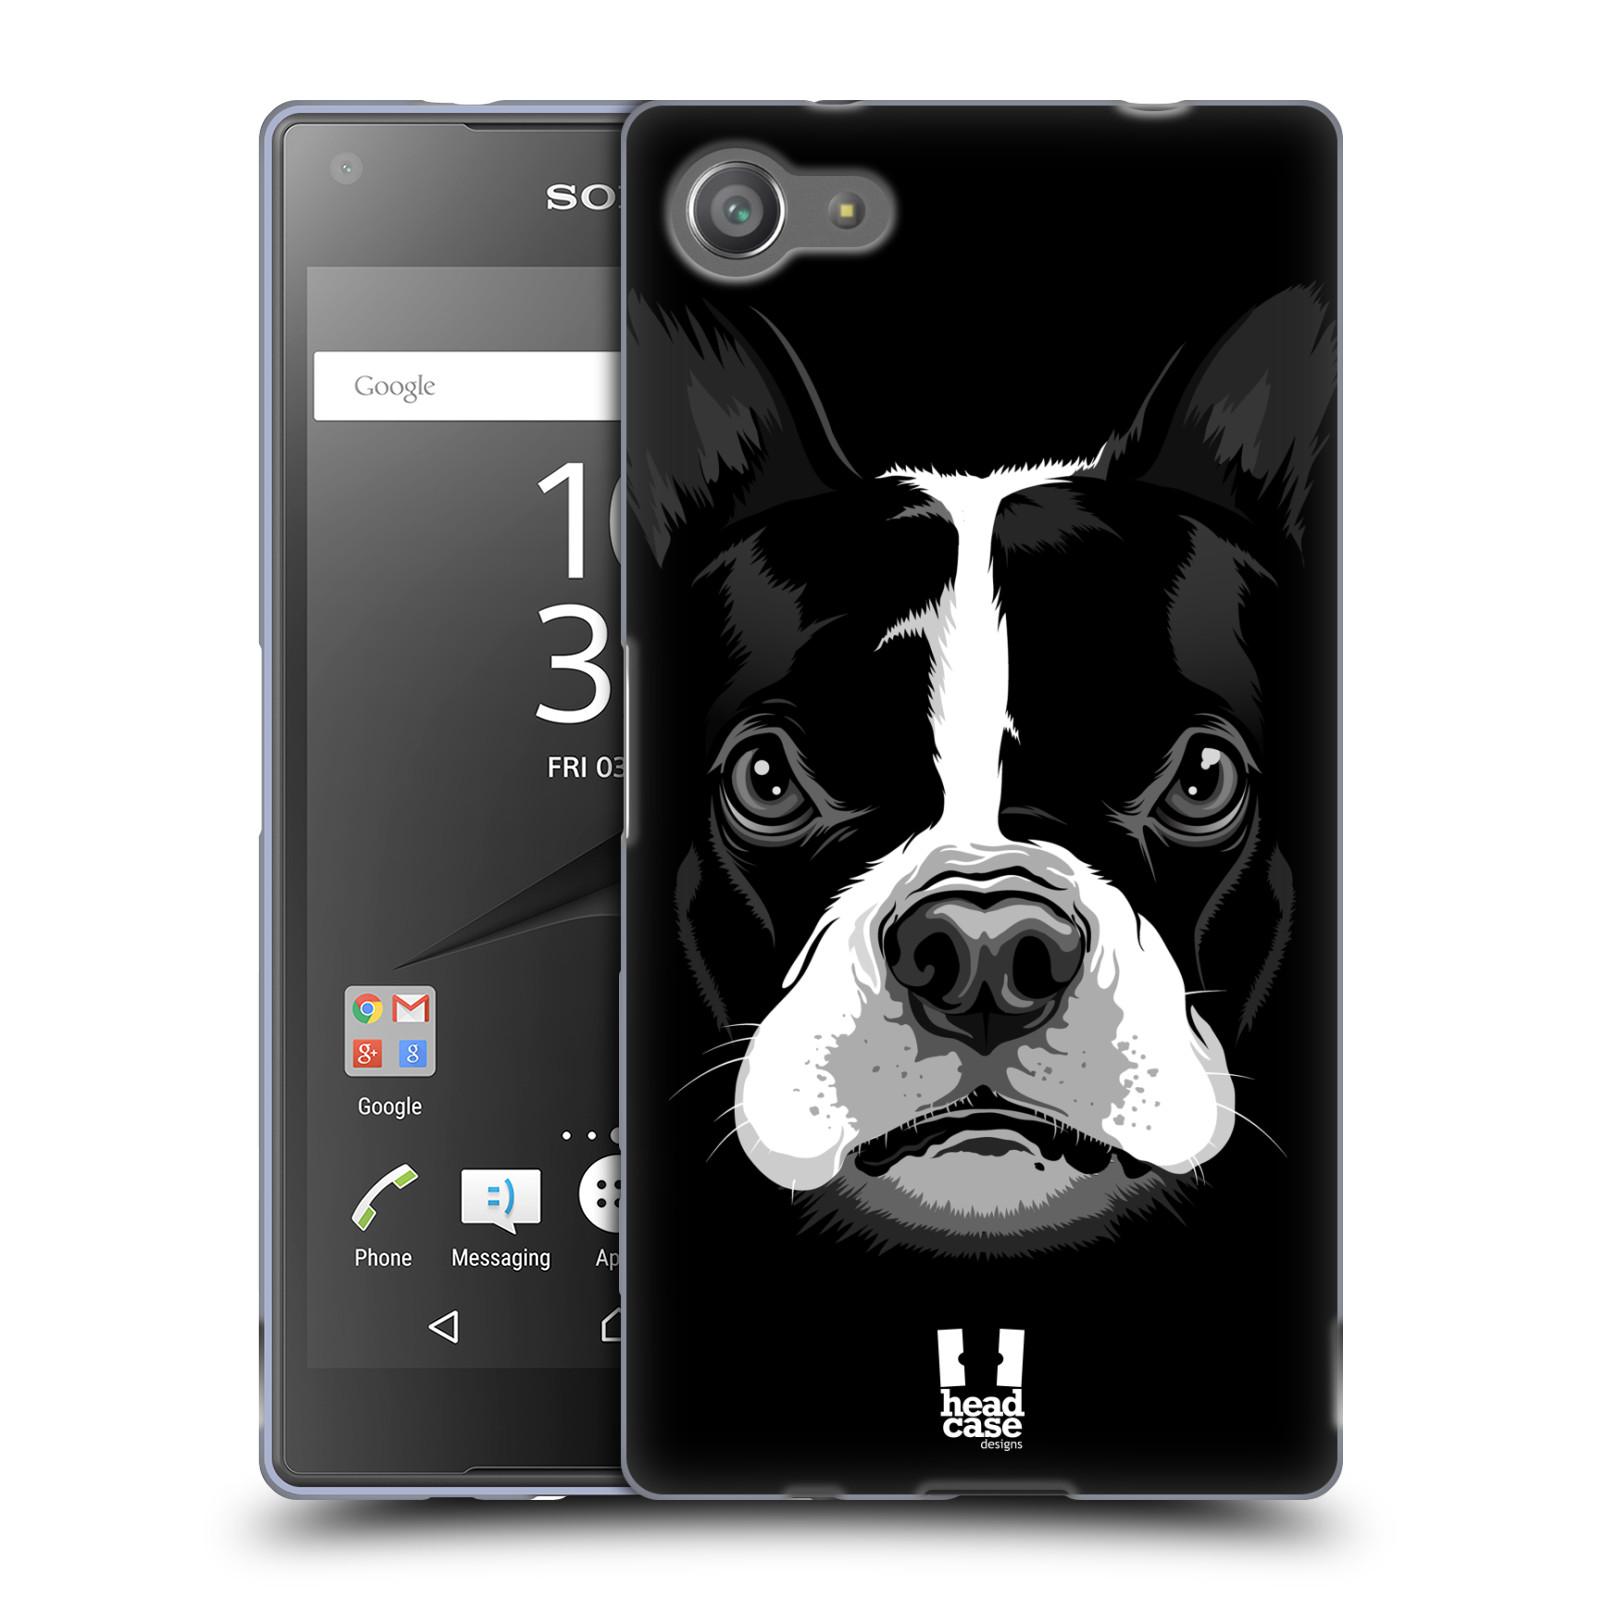 Silikonové pouzdro na mobil Sony Xperia Z5 Compact HEAD CASE ILUSTROVANÝ BULDOČEK